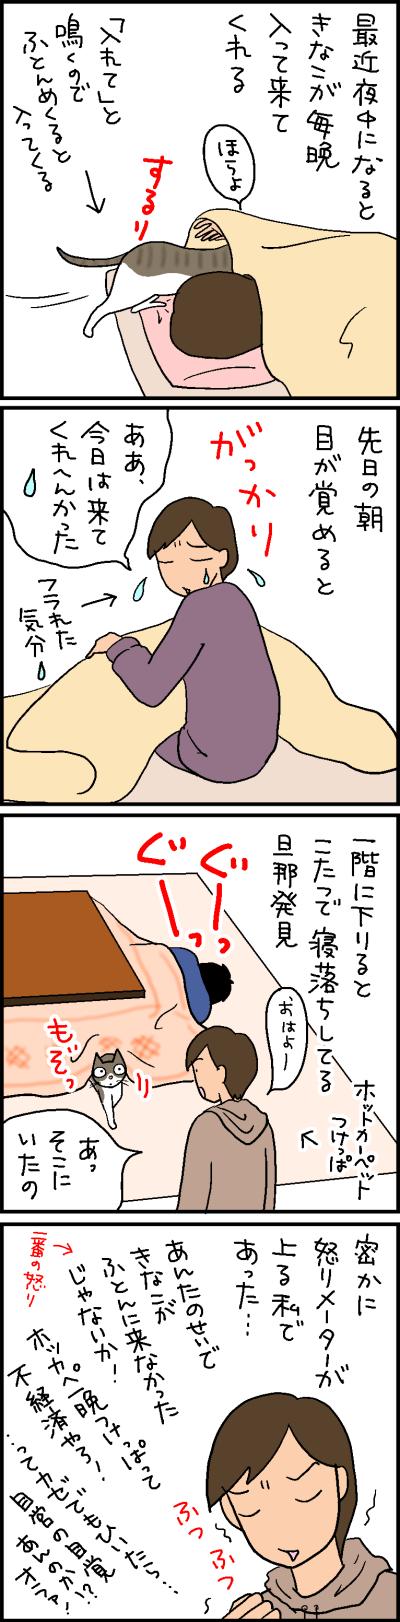 ホットカーペットの温かさに布団は負けるのかの4コマ猫漫画